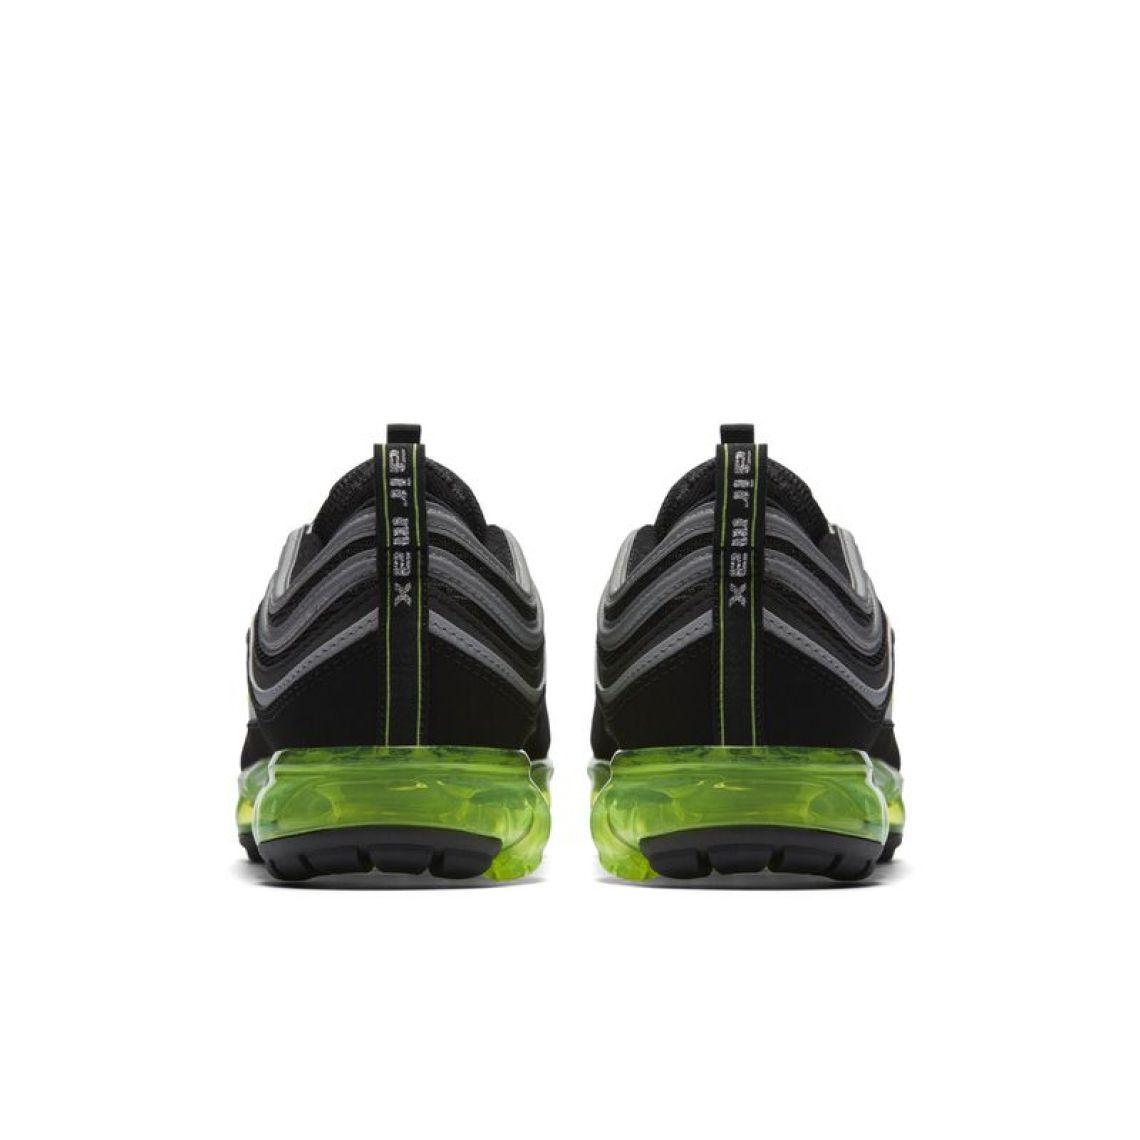 fd4d2960ea0 Nike Air VaporMax 97